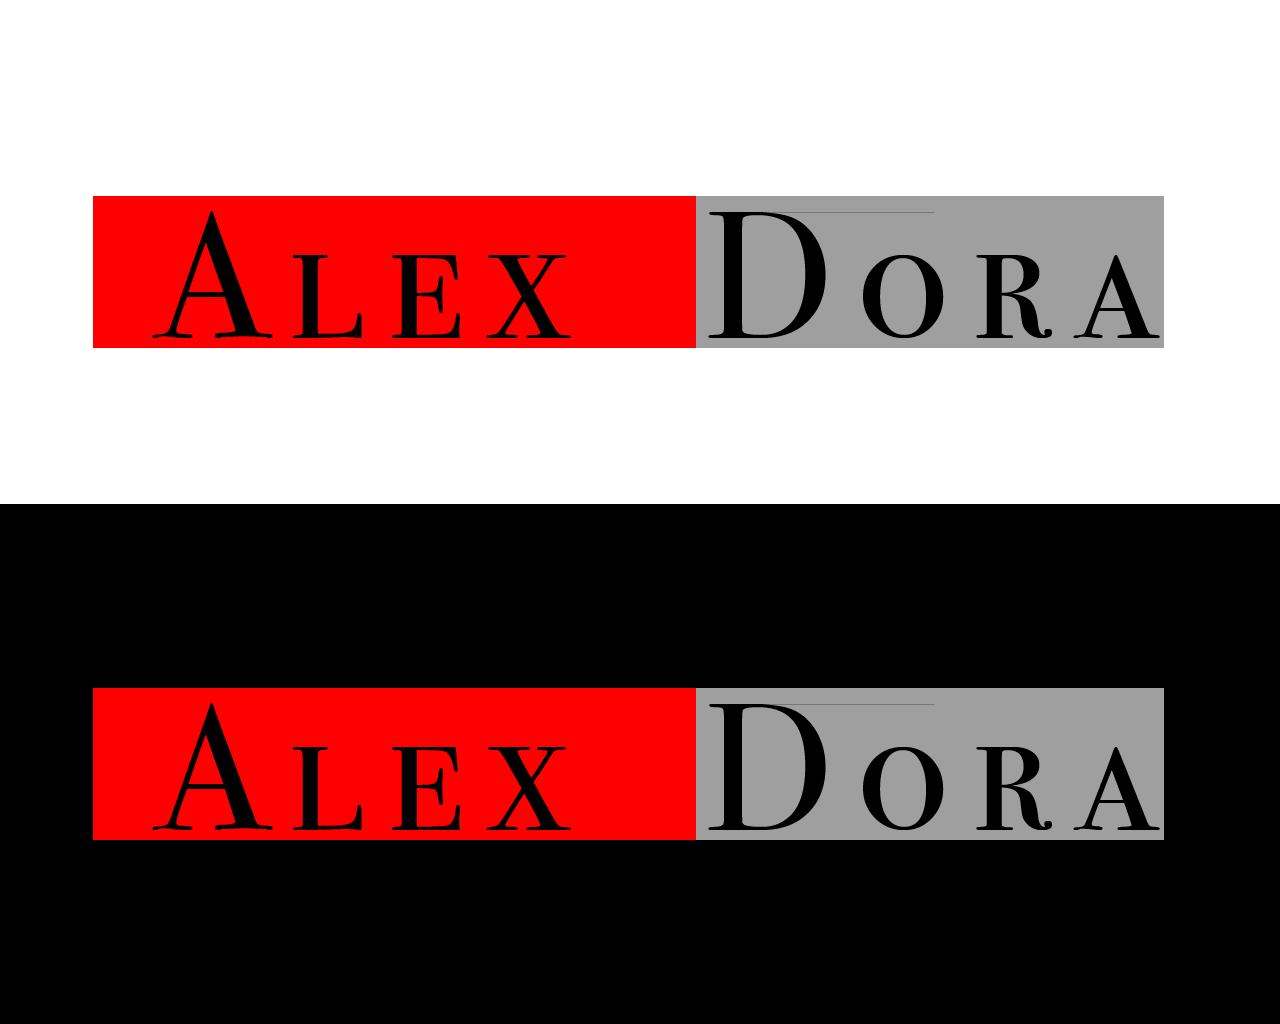 Необходим дизайнер для доработки логотипа бренда одежды фото f_6645b38fa5c36f4c.png